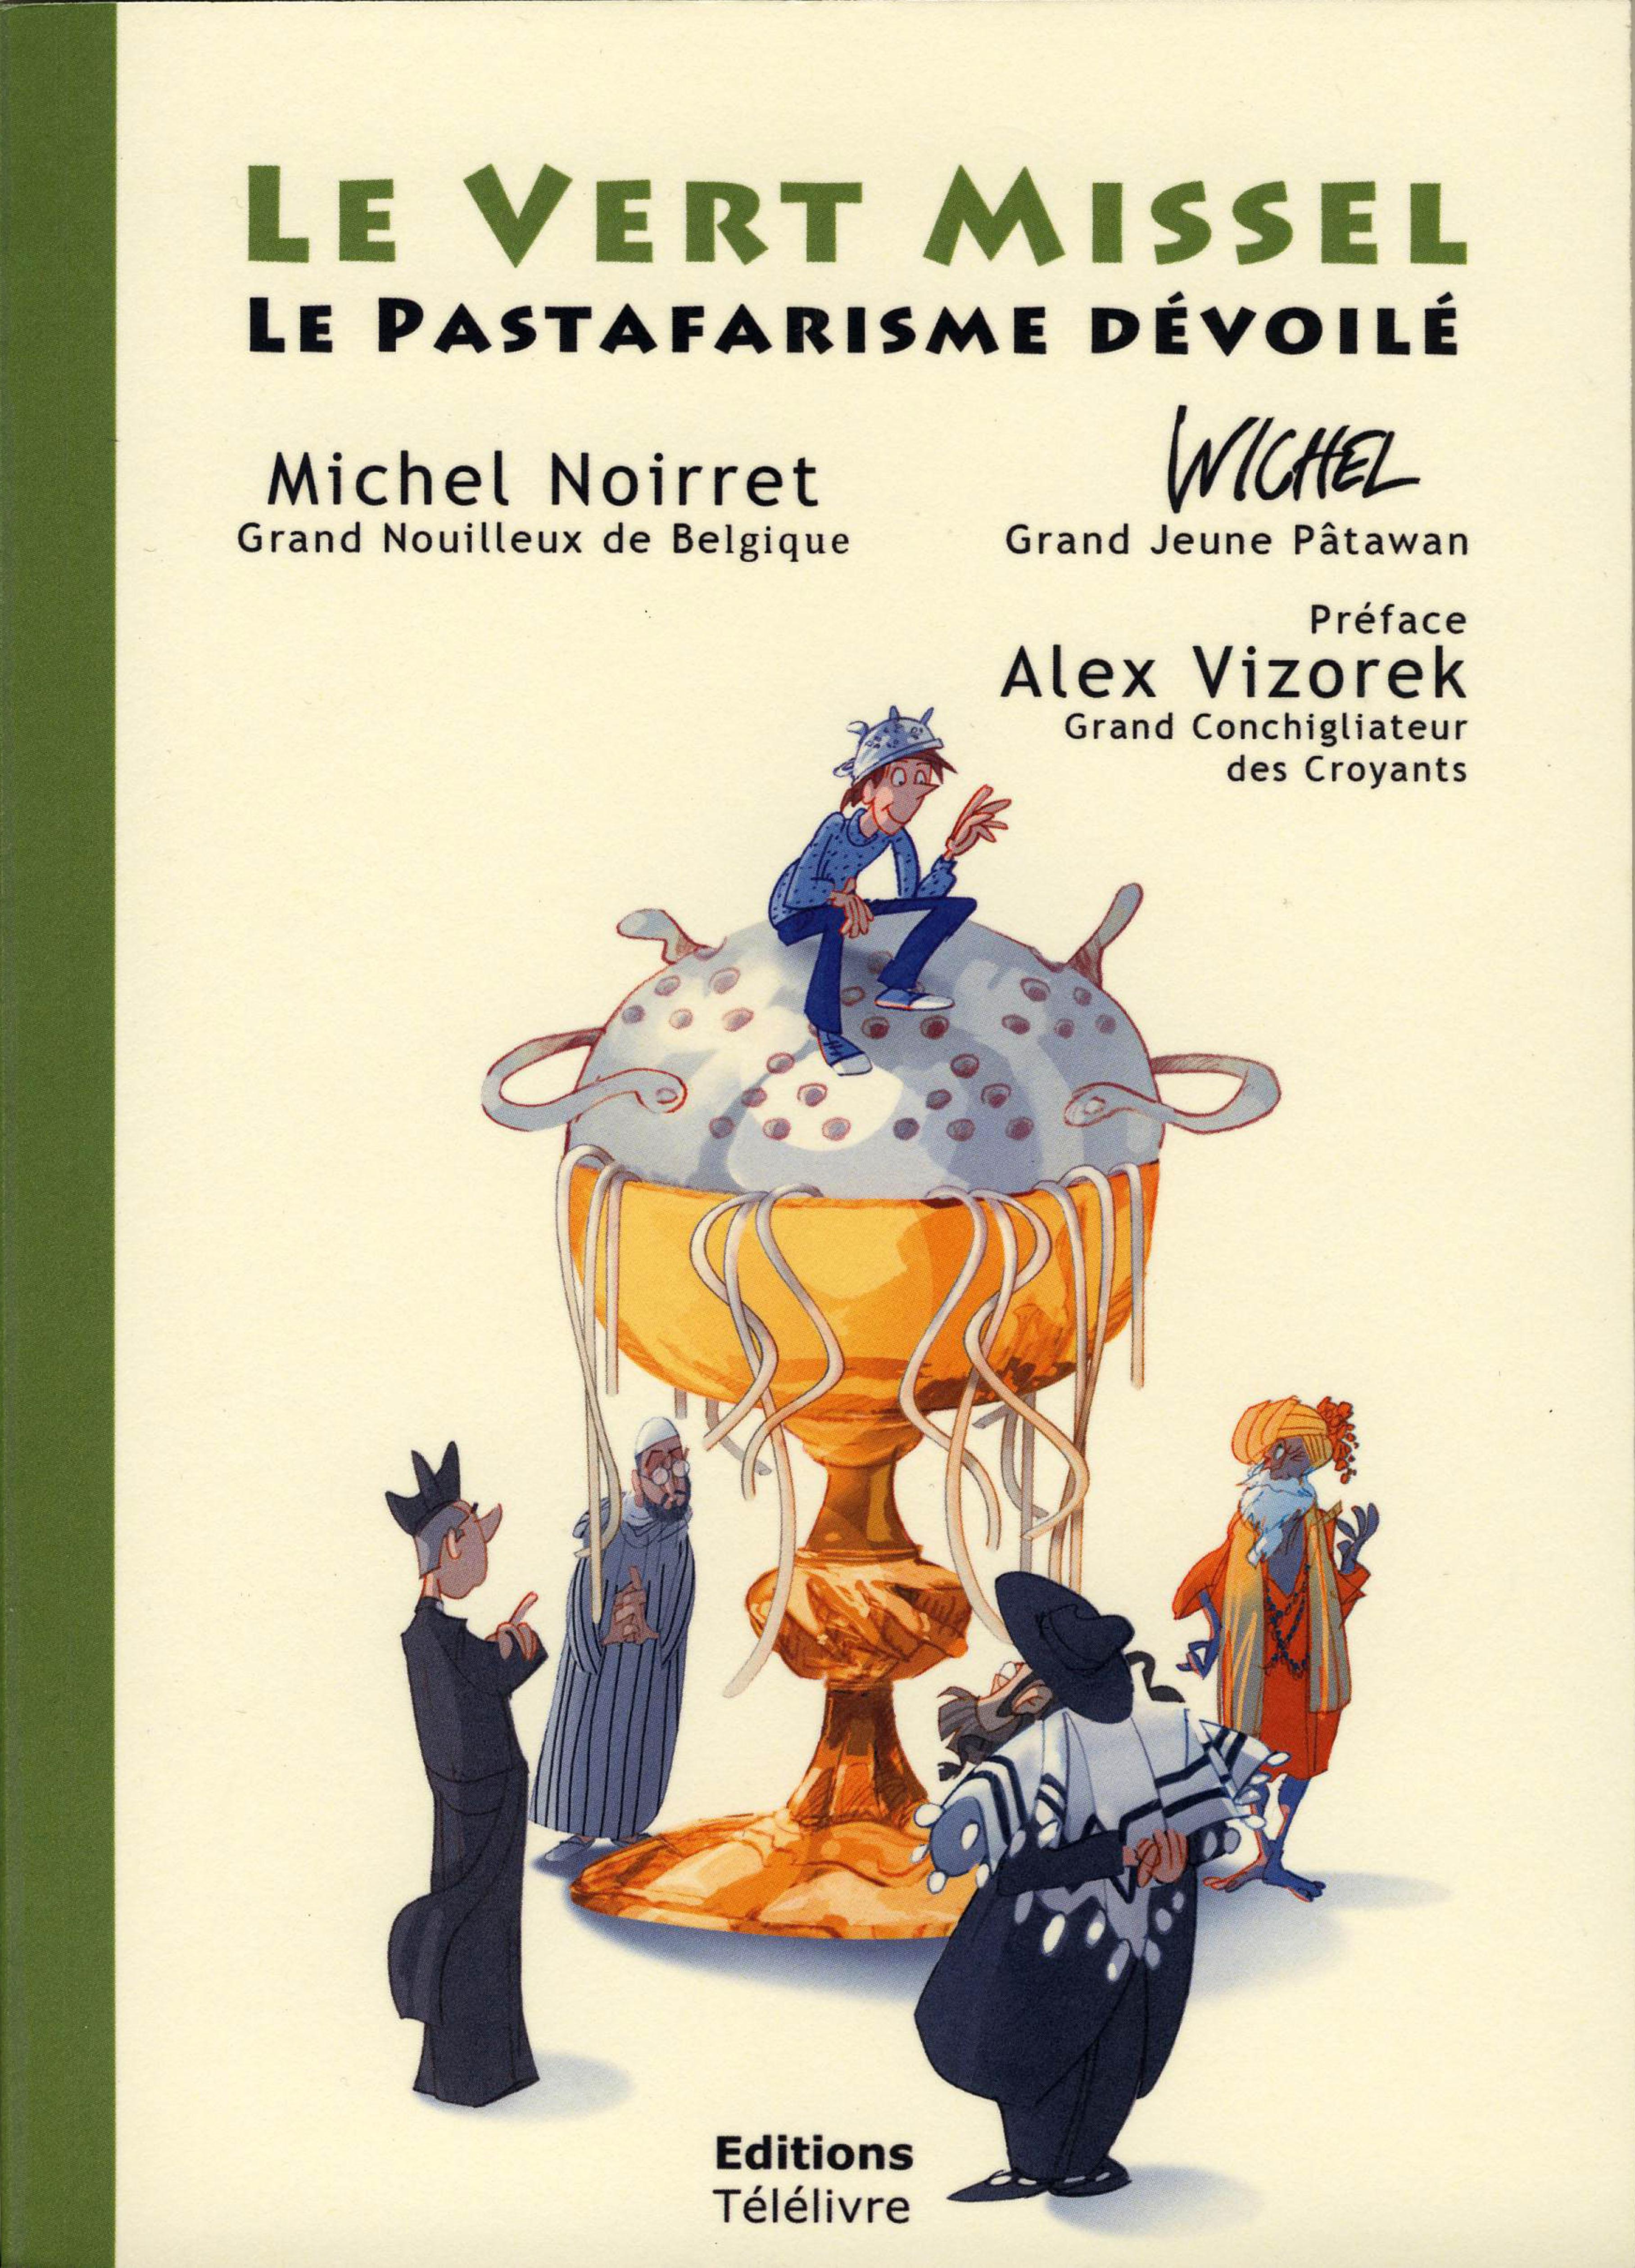 Michel Noirret - Michel Noirret